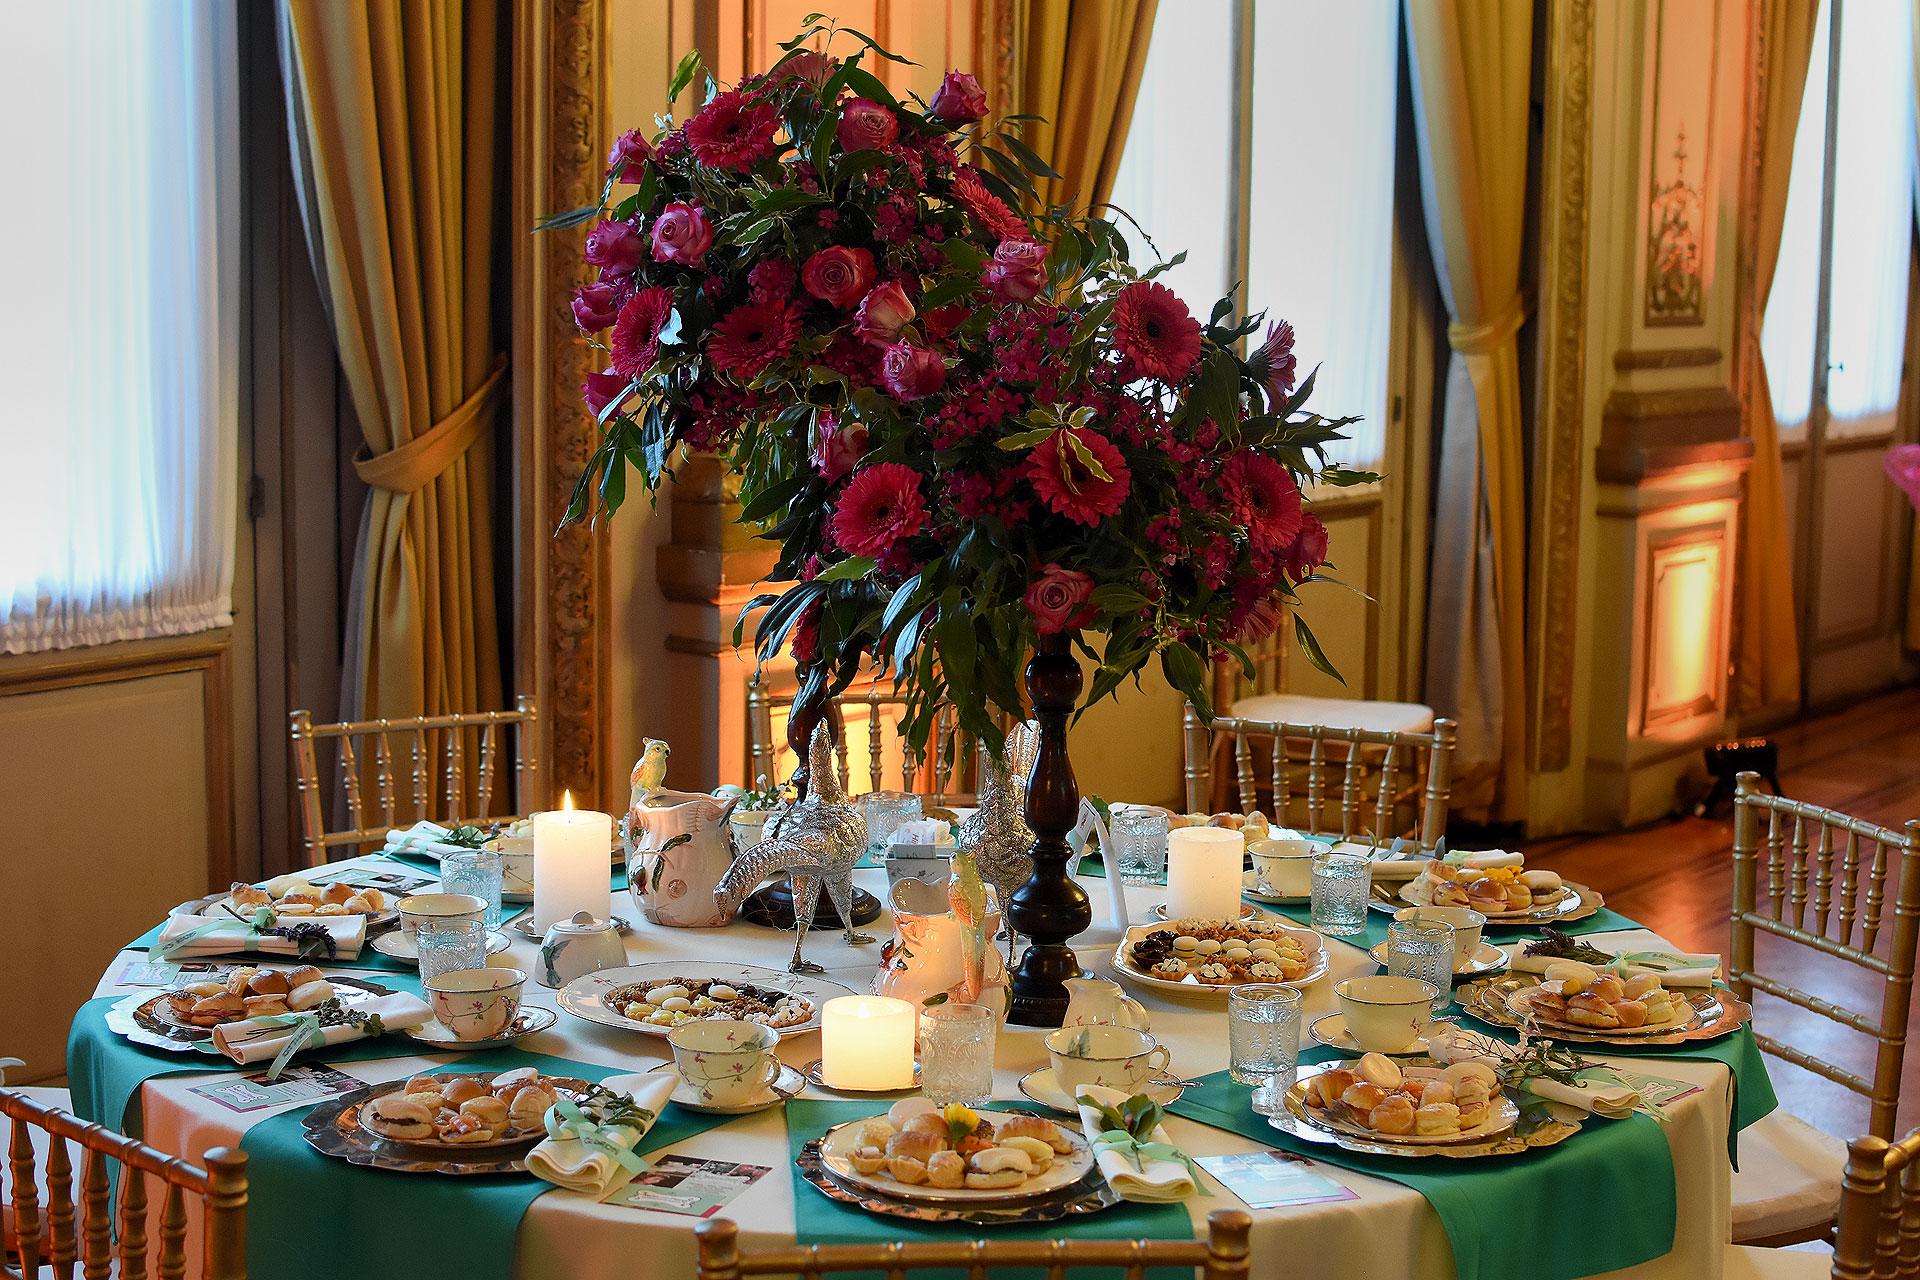 """""""Con sabor a hierbas"""". Turquesa, alegrías del hogar, rosas y gerberas fucsias junto a racimos de lavanda en las servilletas. Sillas Tiffany en blanco y dorado. En el centro, imágenes de animales en plata"""